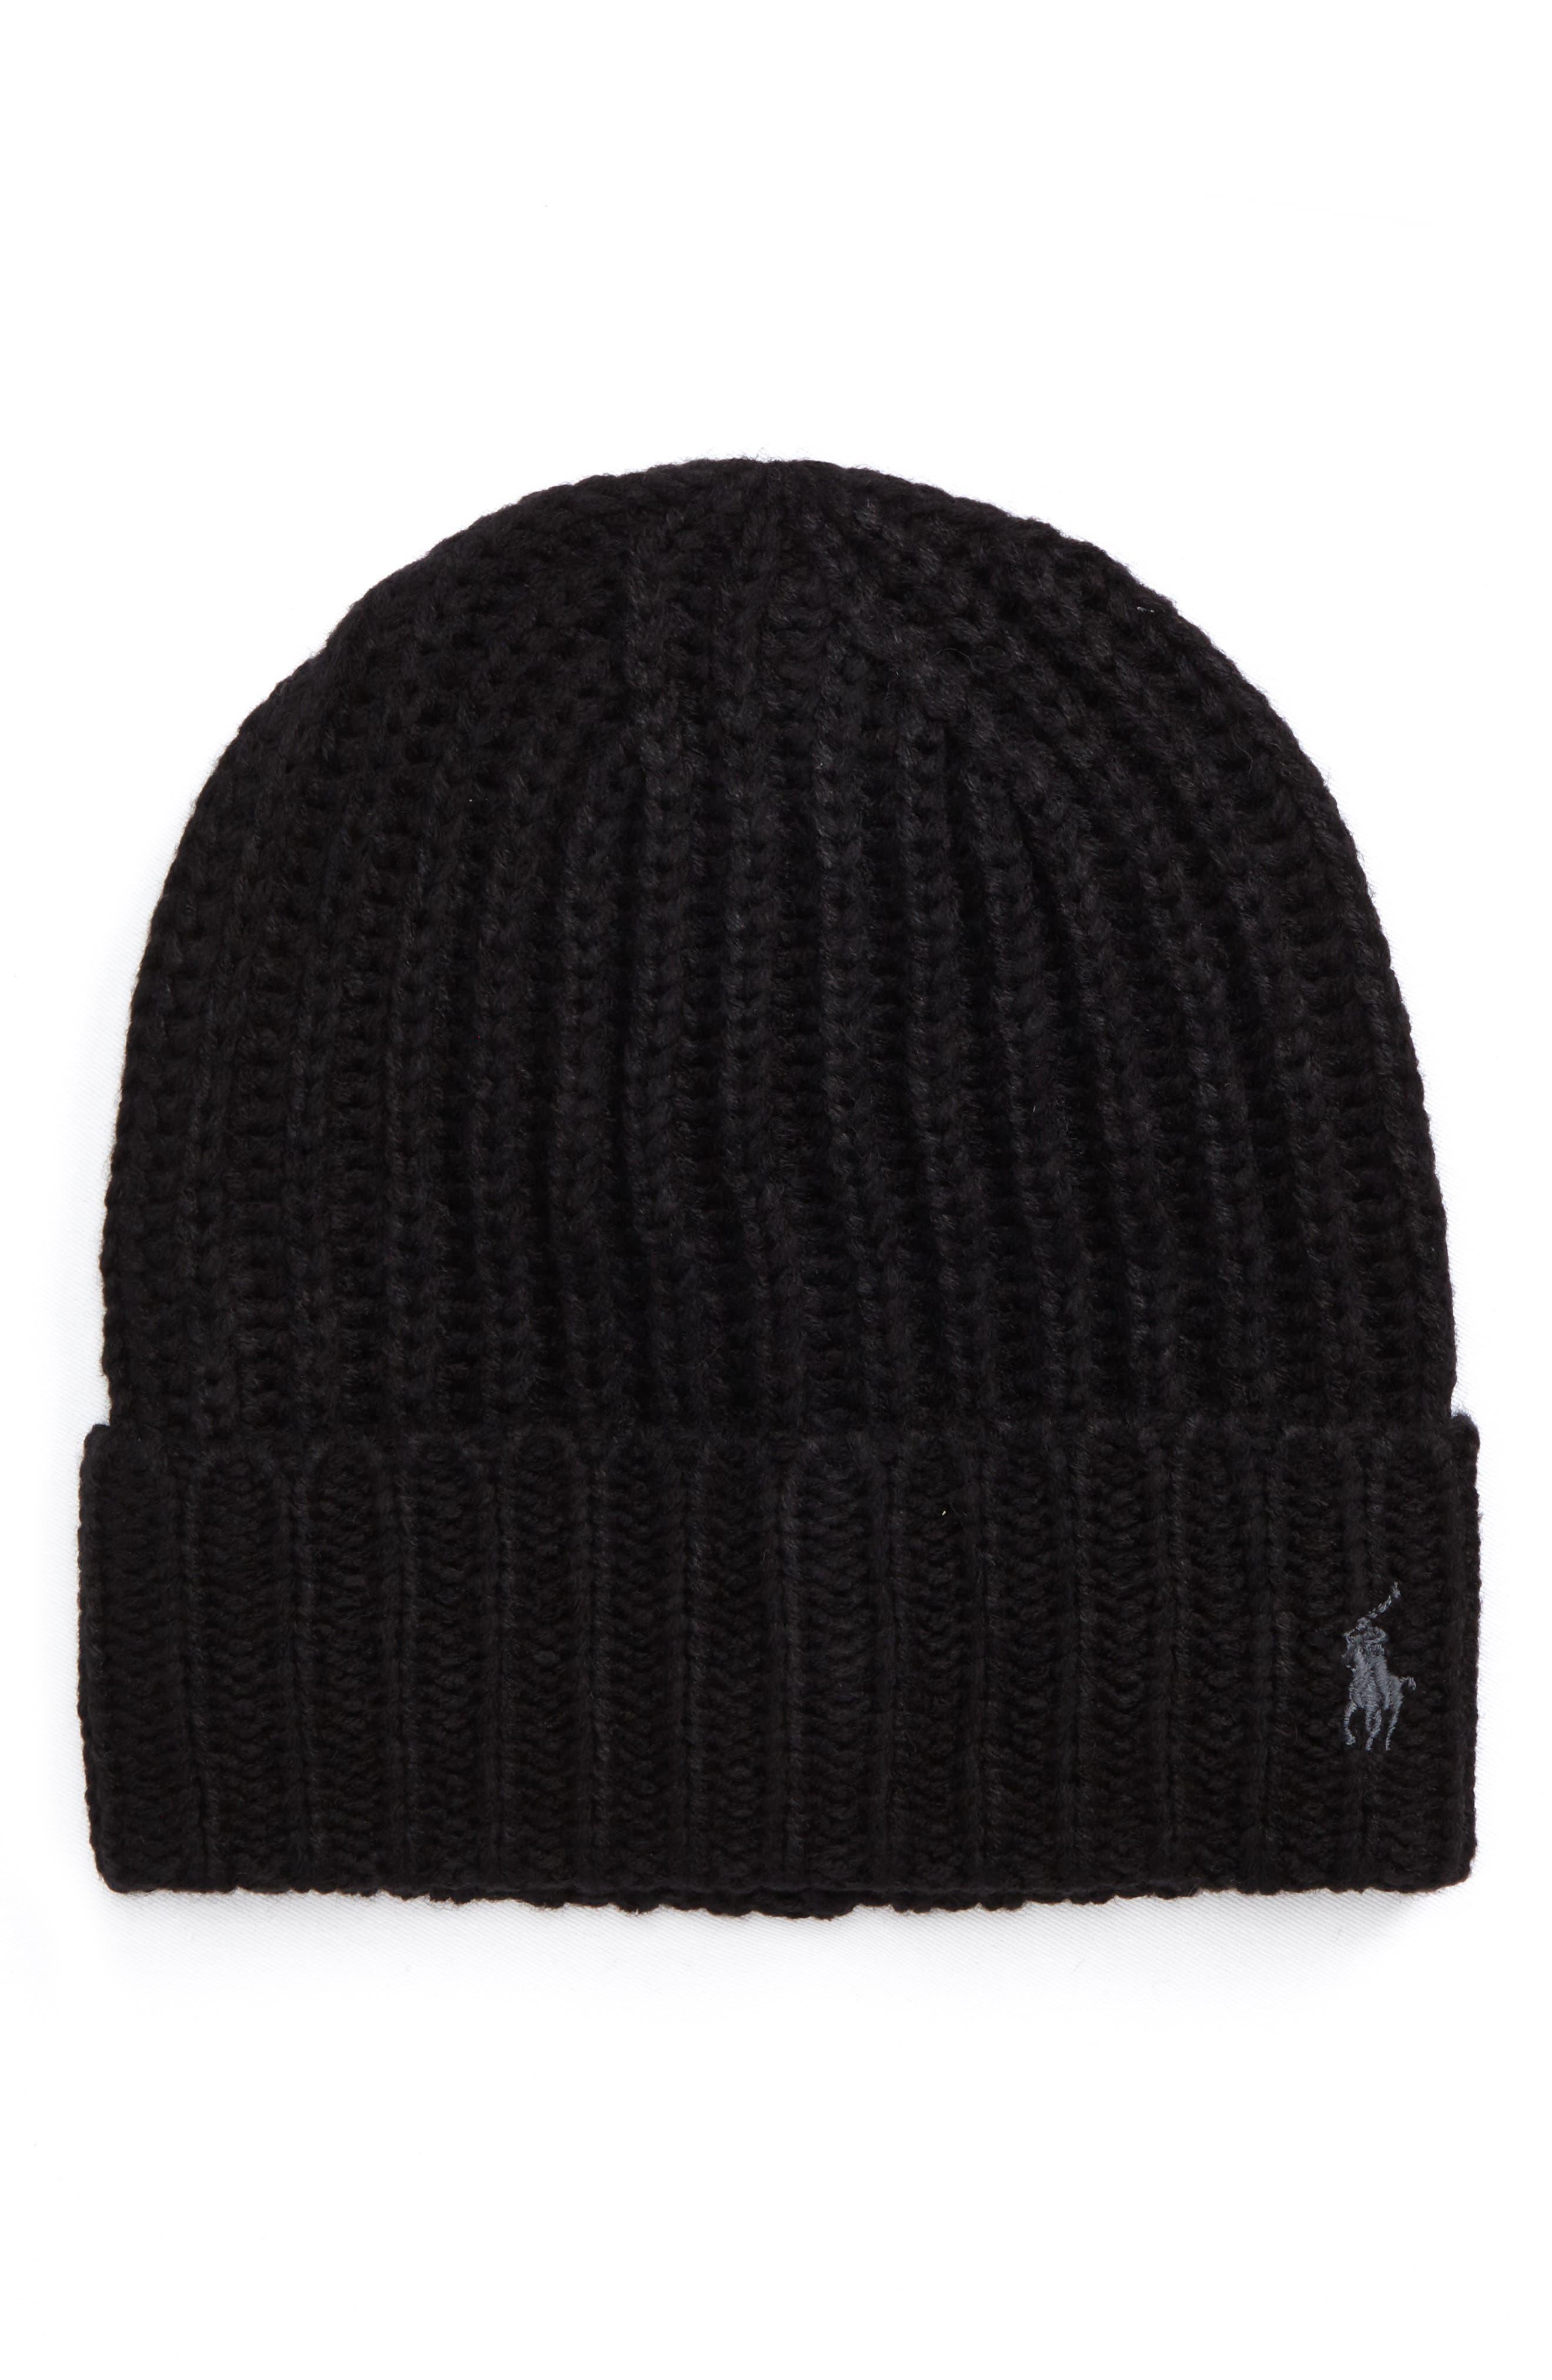 Polo Ralph Lauren Chunky Rib Knit Beanie